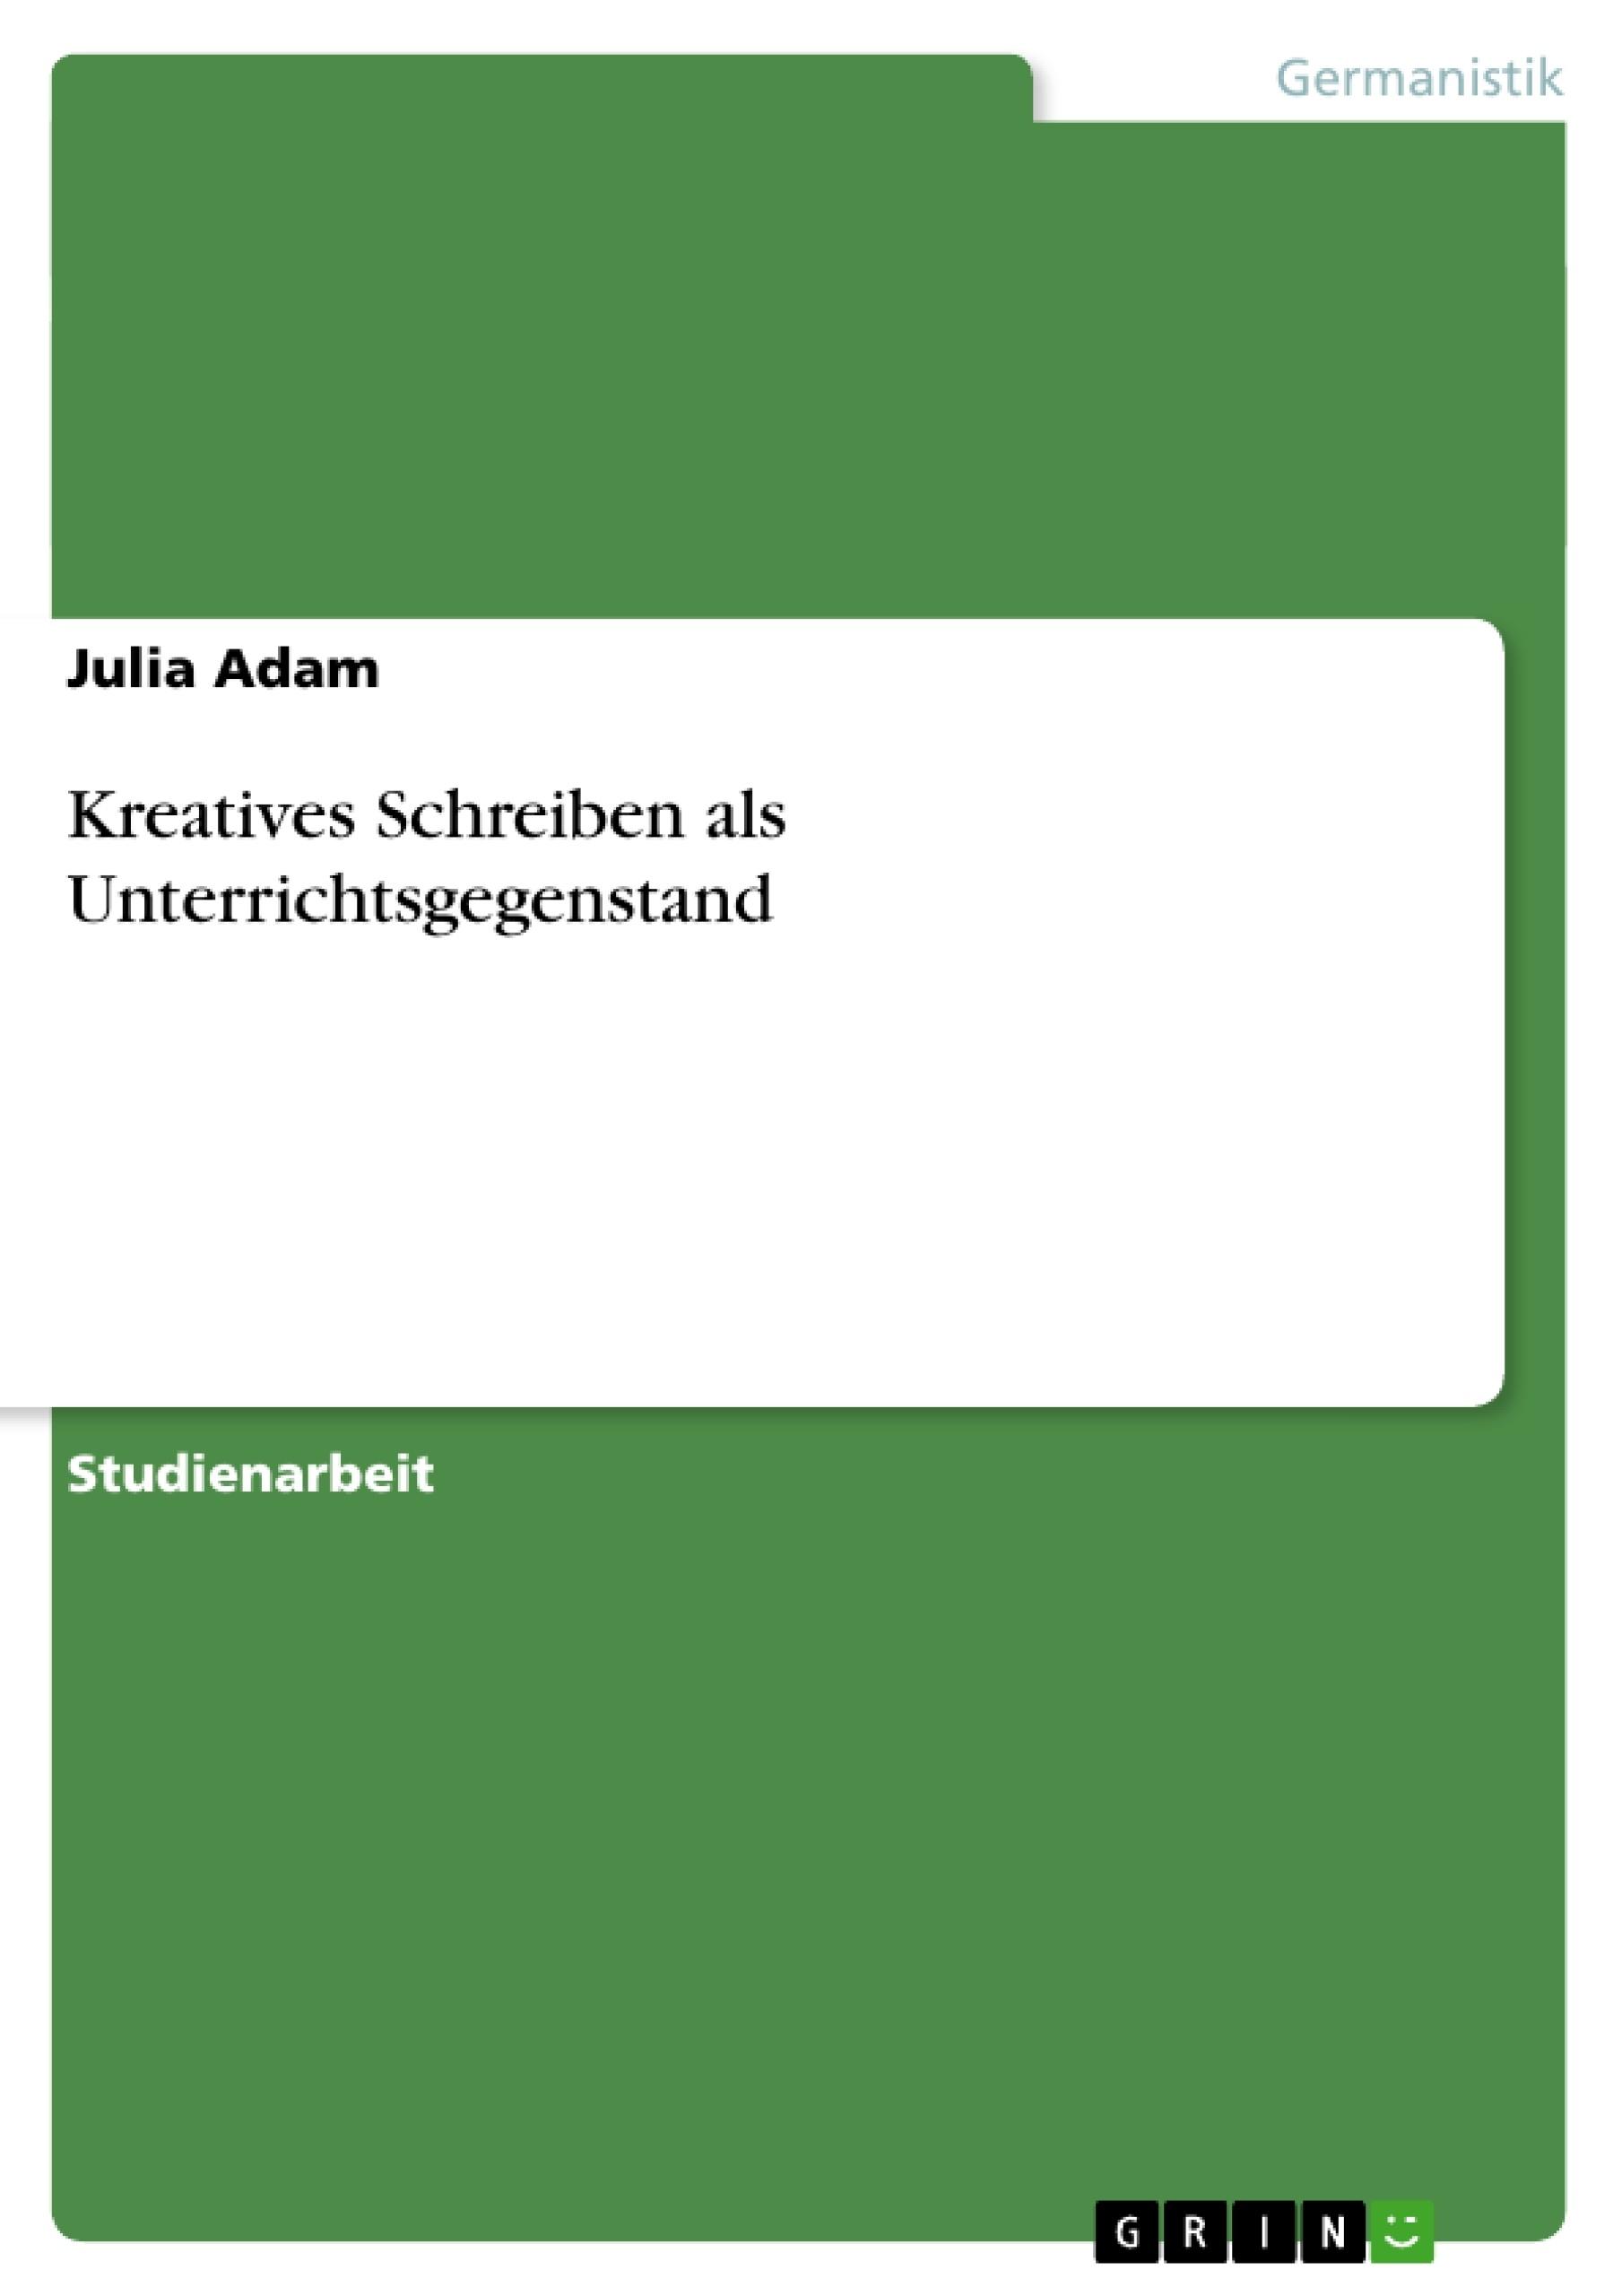 Titel: Kreatives Schreiben als Unterrichtsgegenstand